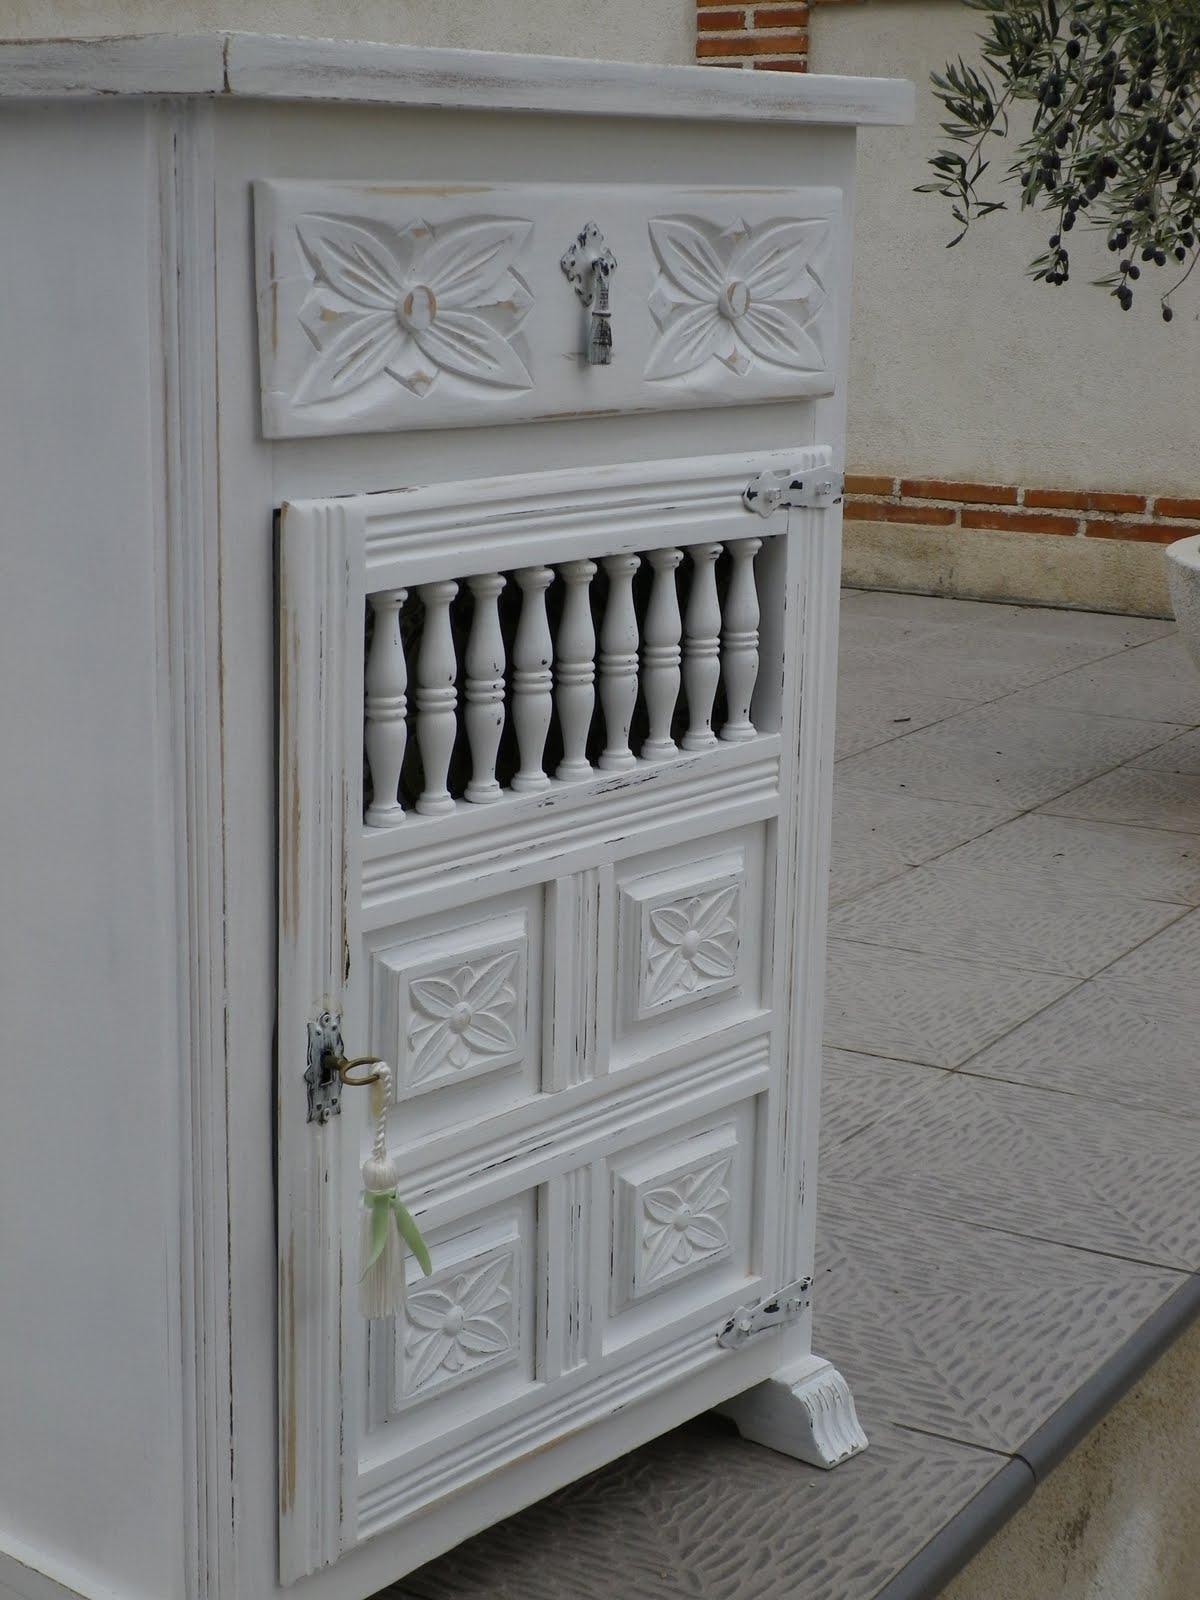 Naifandtastic decoraci n craft hecho a mano - Restaurar muebles con papel ...